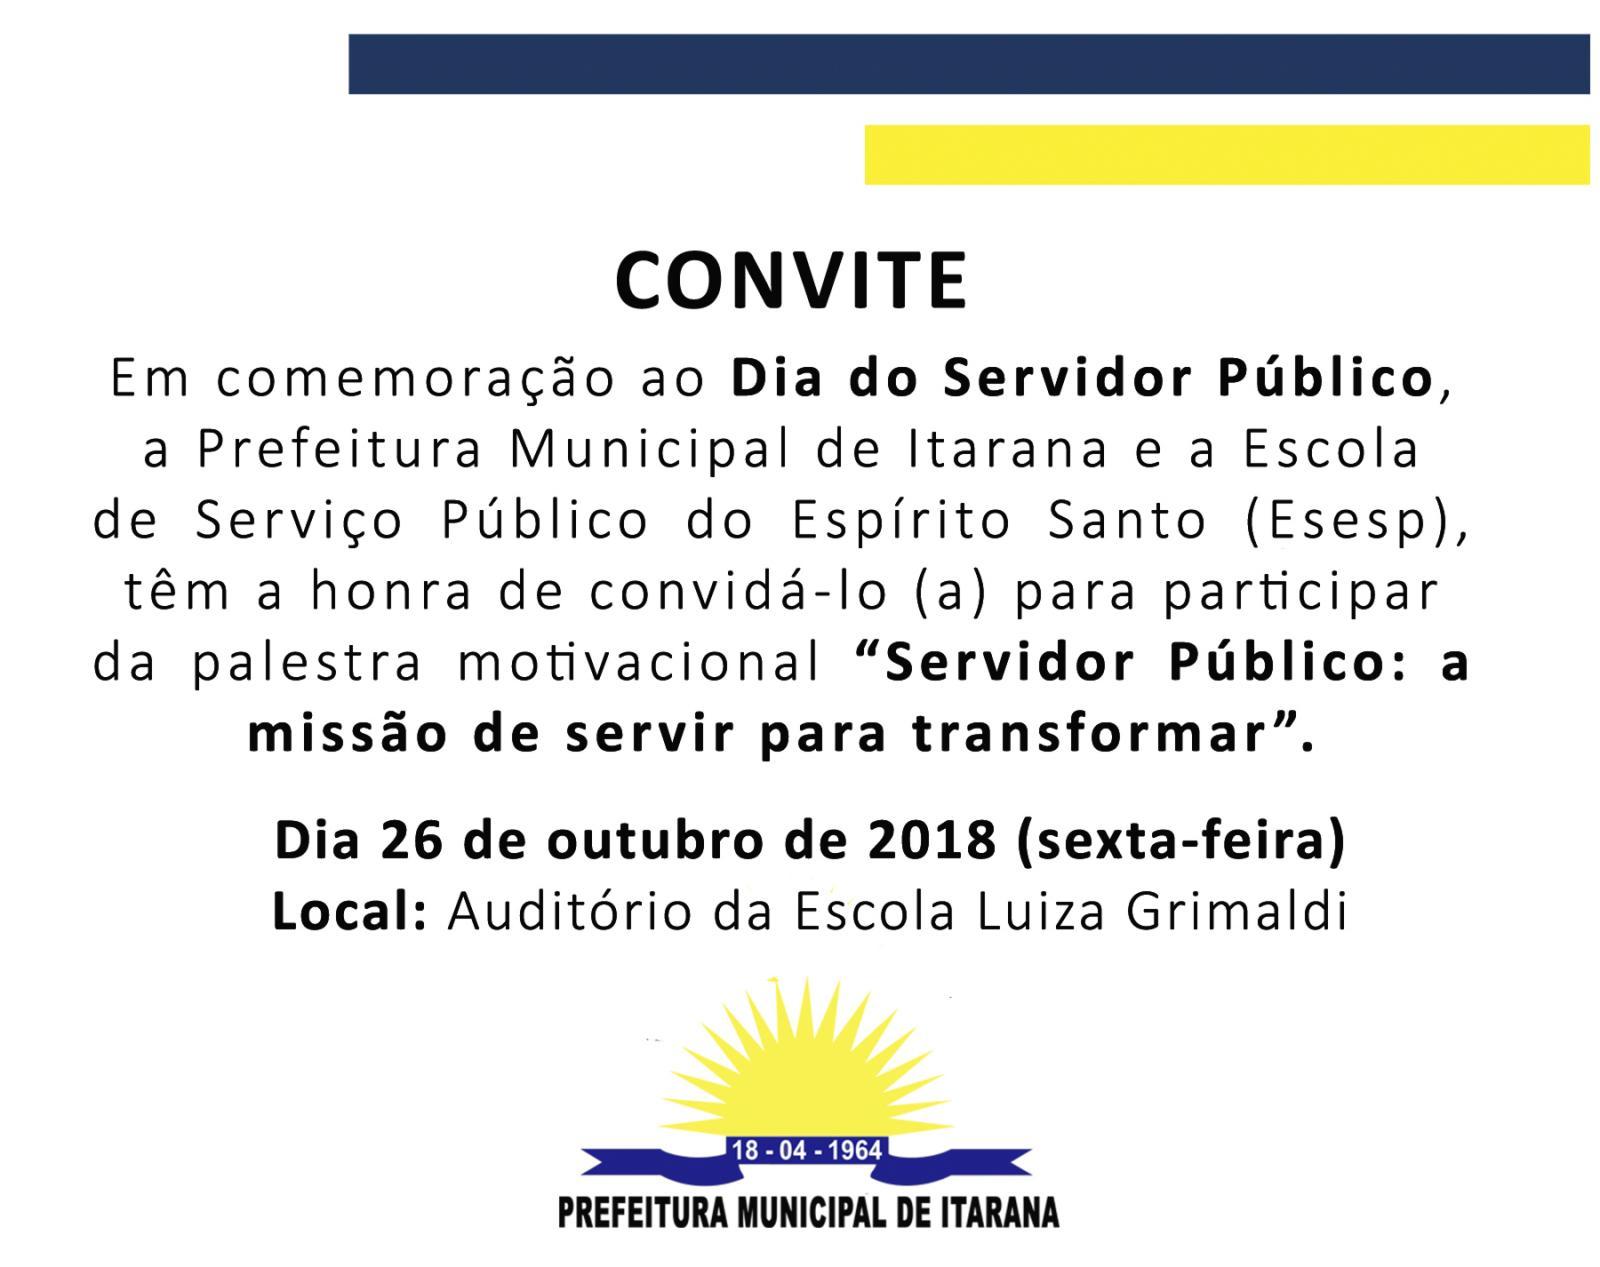 Convite: Palestra motivacional para os Servidores Públicos Municipais